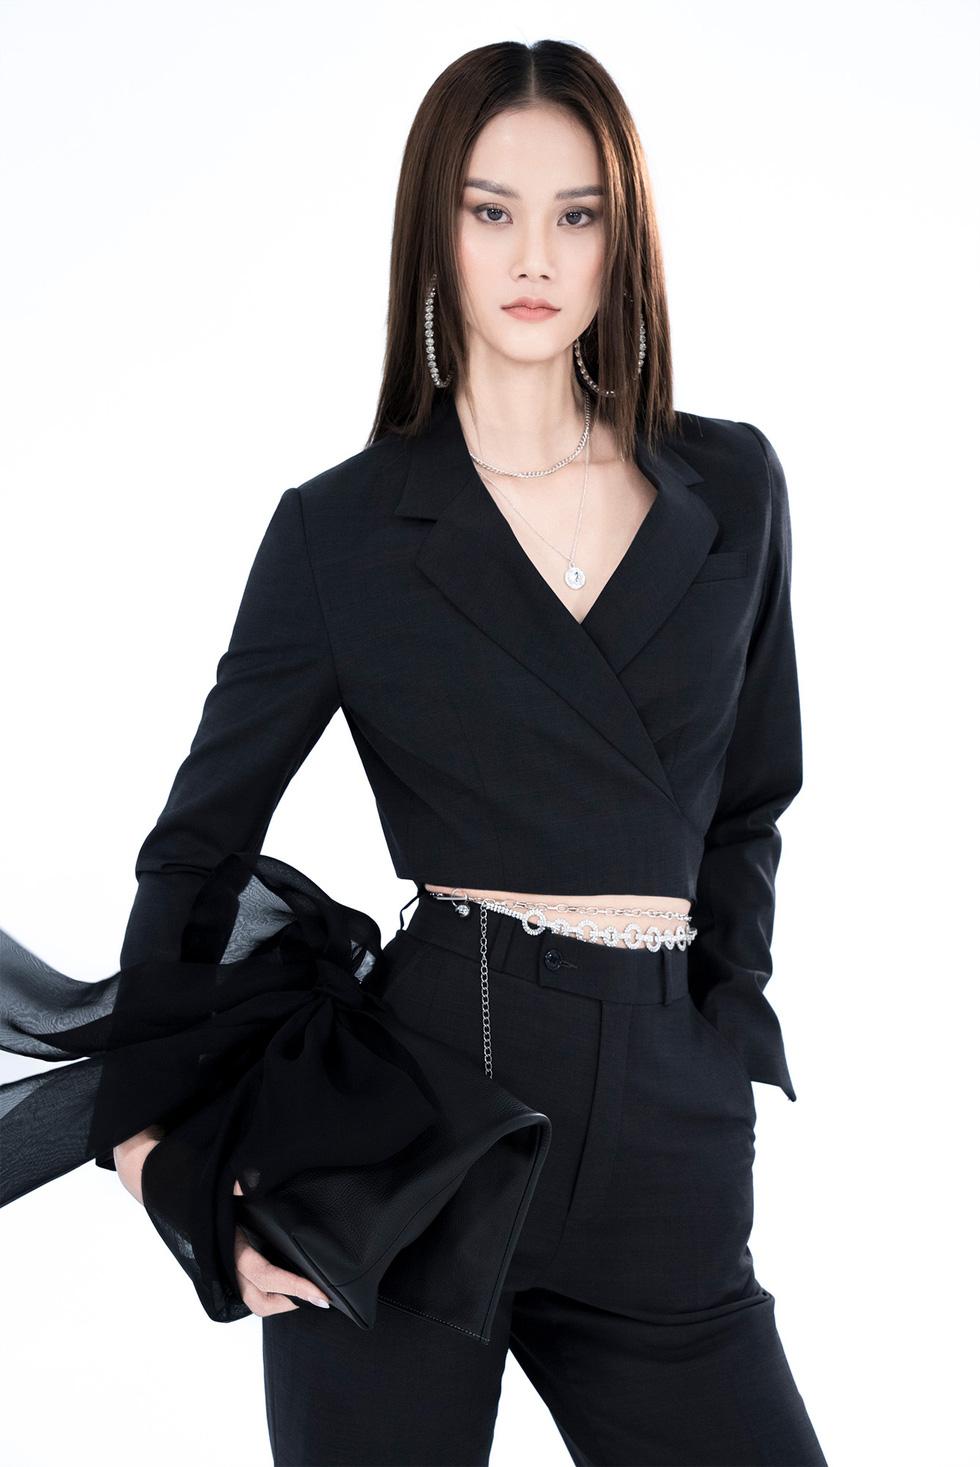 Trần Hùng công bố bộ sưu tập ấn tượng La Muse đến London Fashion Week - Ảnh 7.